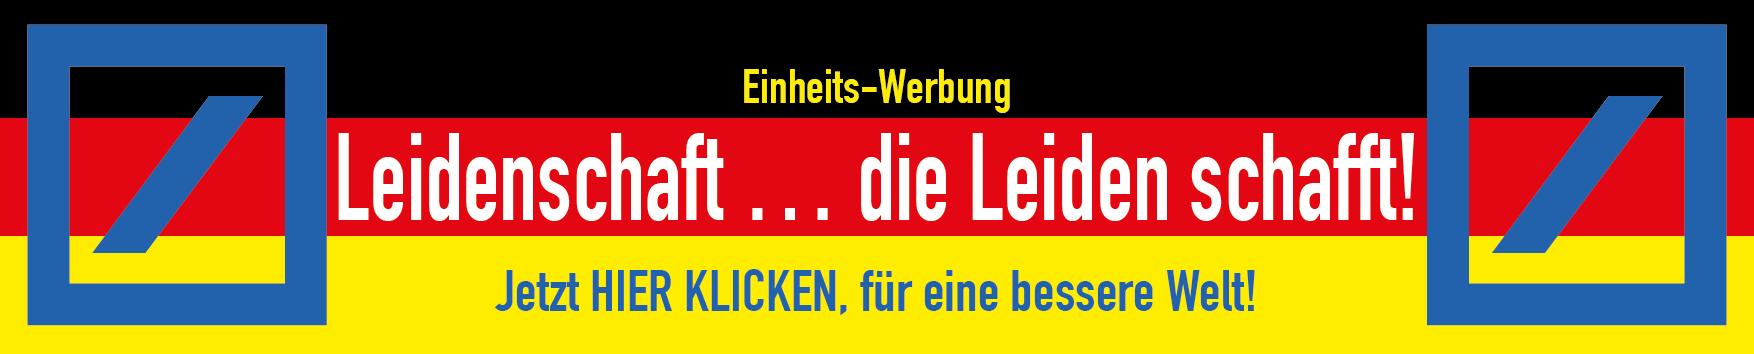 Wiedervereinigungs-Coup: Ganzer LKW #BILDindieTonne Deutsche Bank Leidenschaft die Leiden schafft fuer eine bessere welt 25 jahre deutsche einheit